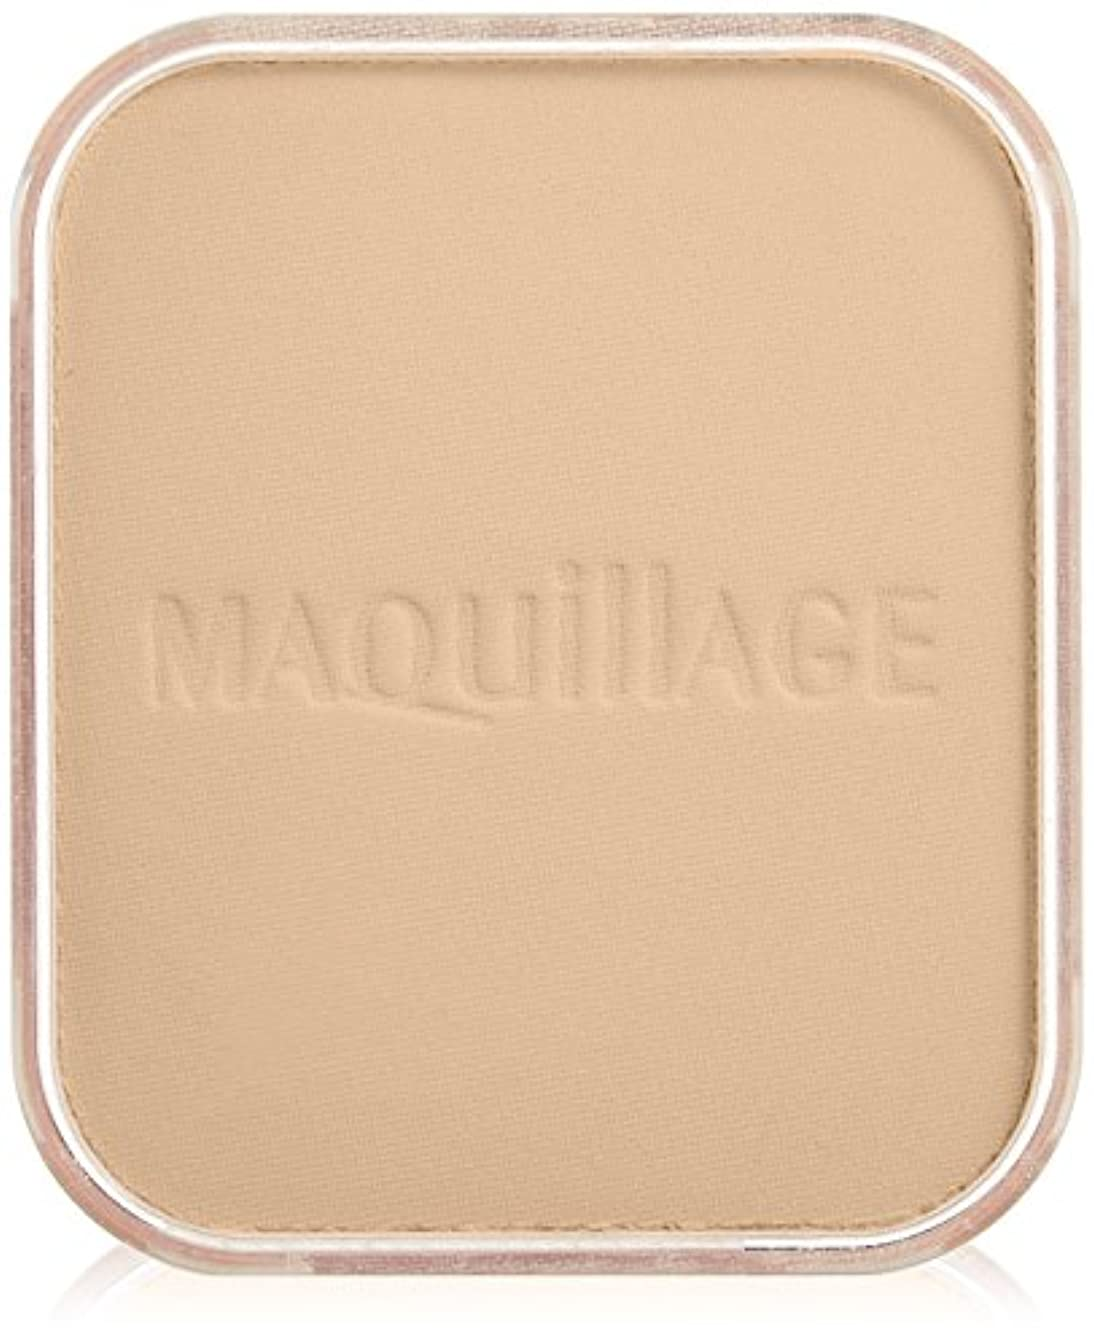 石膏酸素寸法マキアージュ ライティング ホワイトパウダリー UV オークル10 (レフィル) (SPF25?PA++) 10g